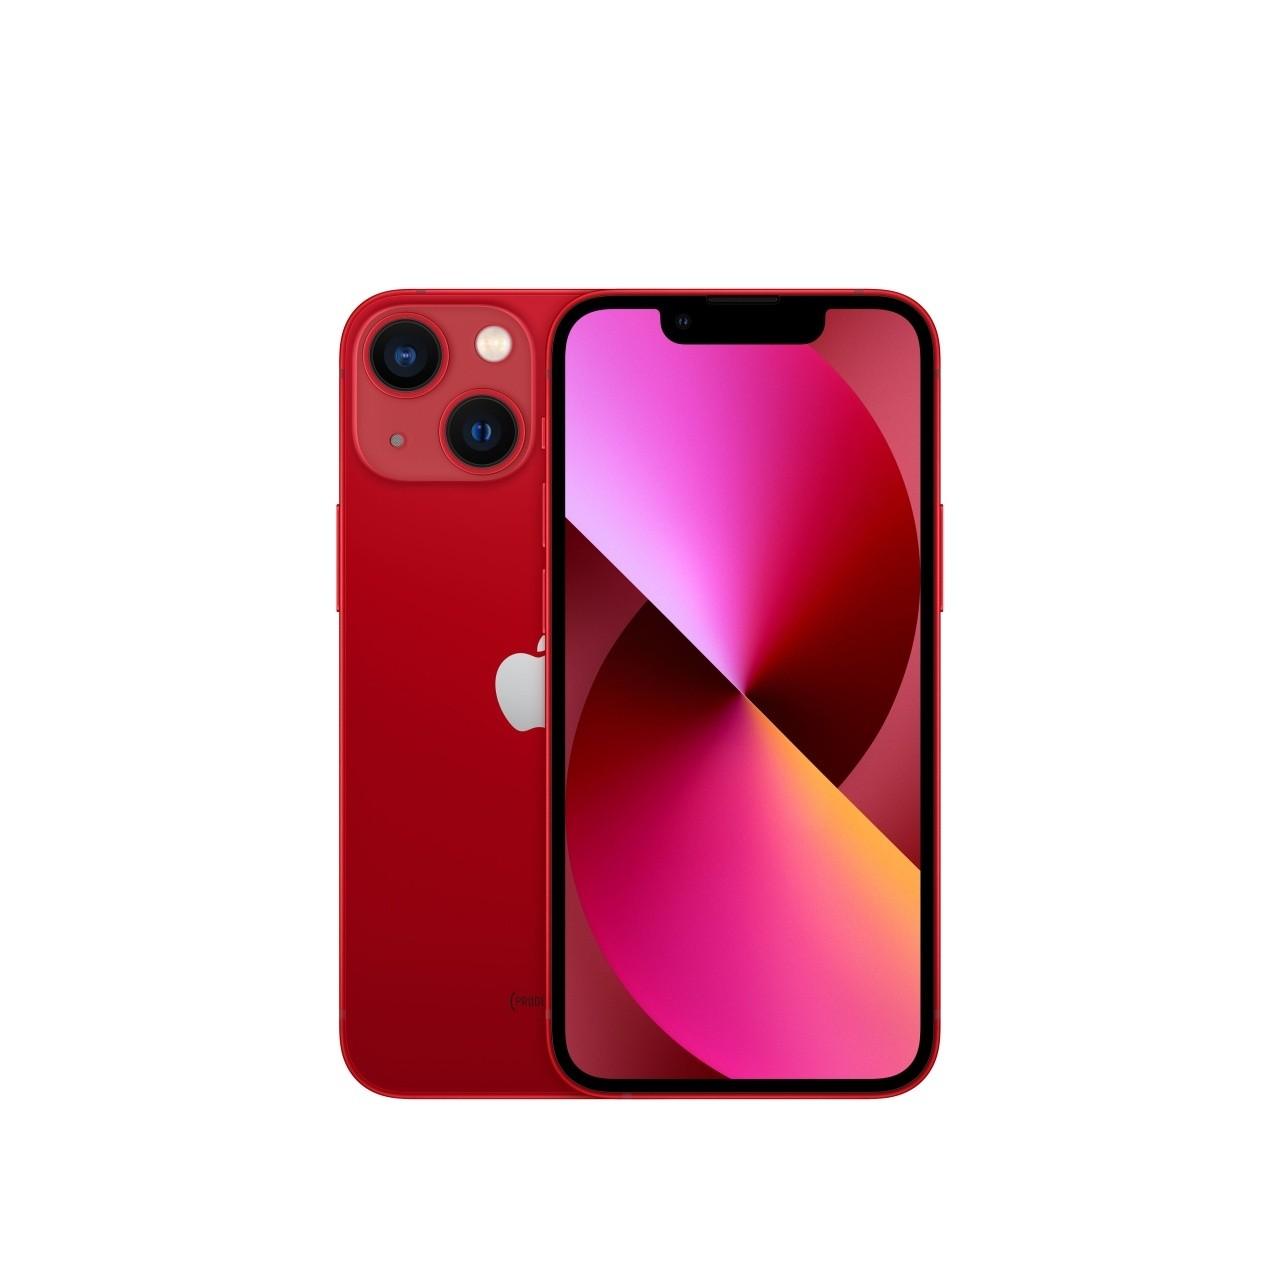 Apple iPhone 13 mini 5G 128 GB Rosso